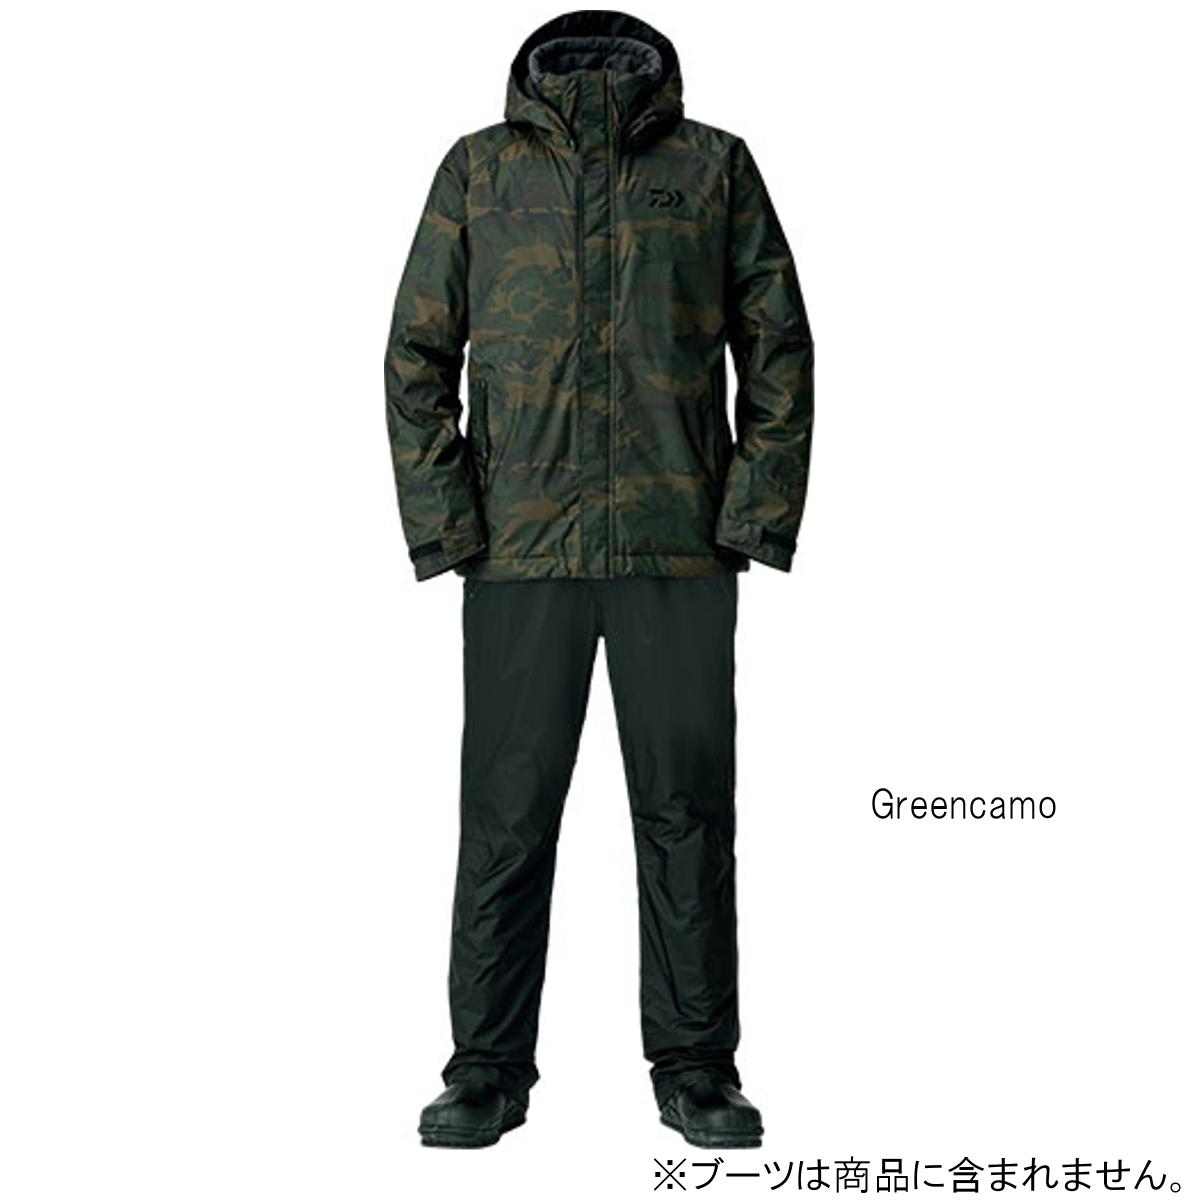 ダイワ レインマックス ウィンタースーツ DW-35008 2XL Greencamo